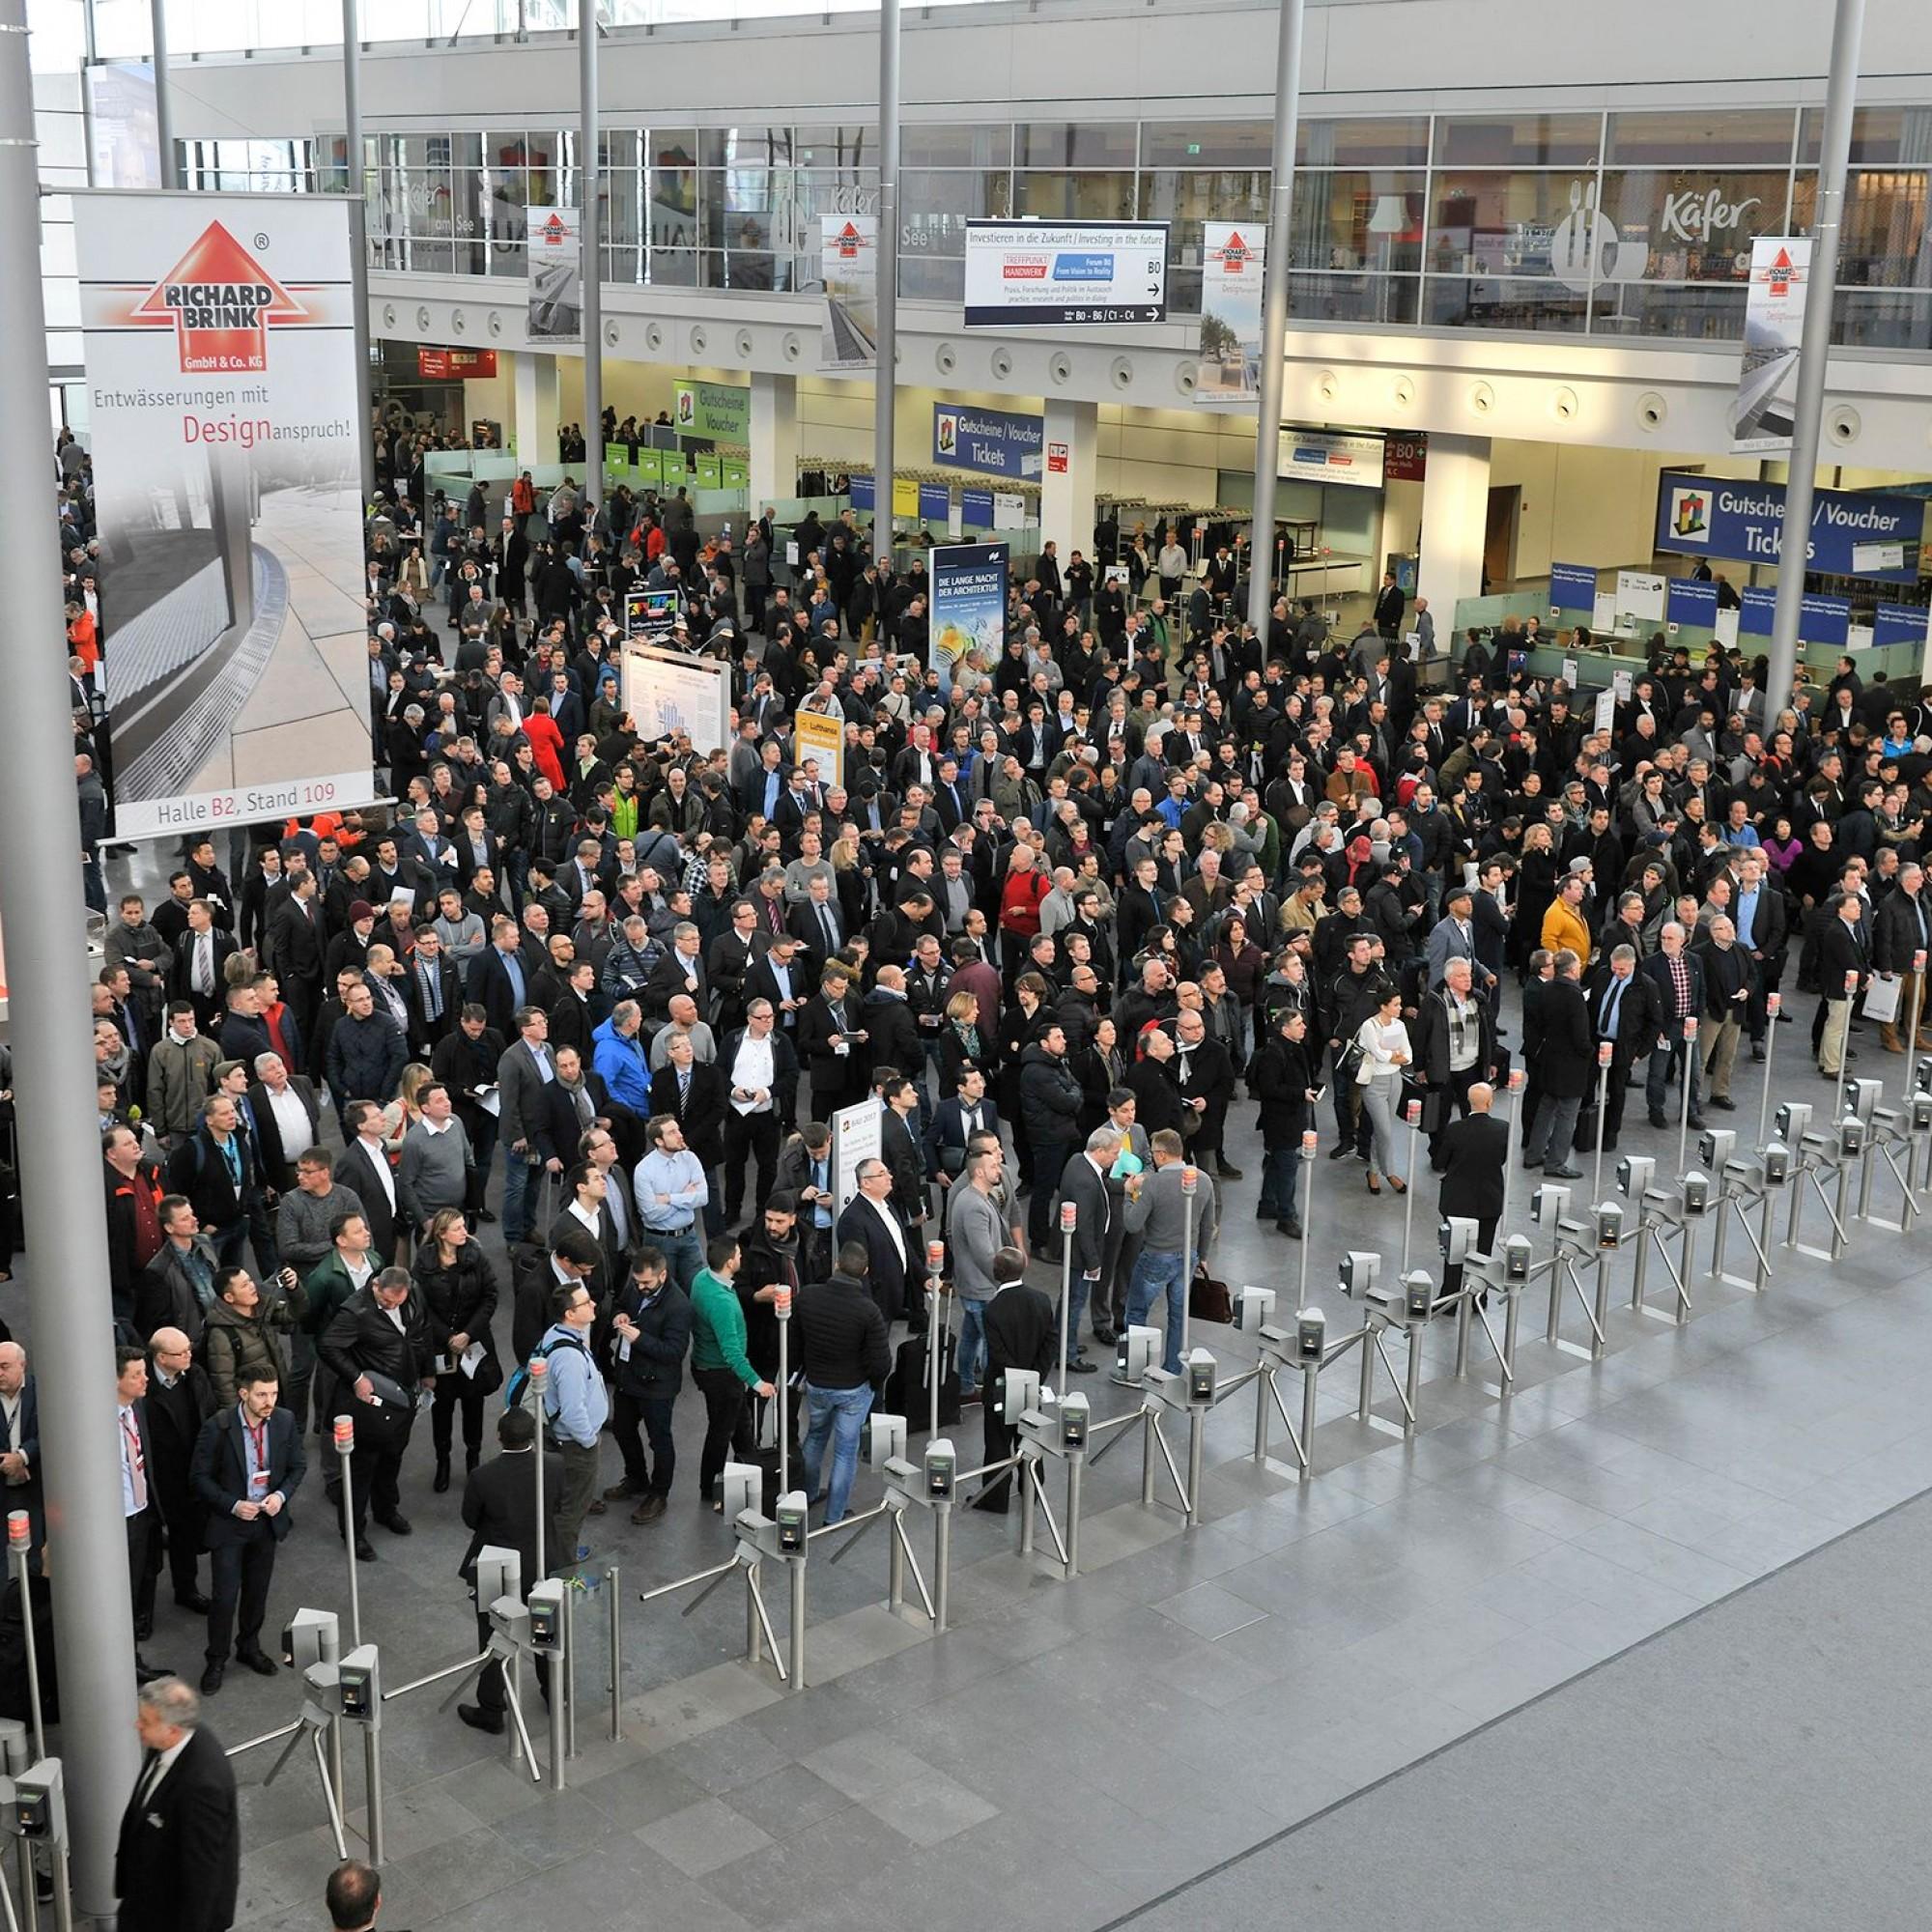 Die Veranstalter rechnen mit über 250 000 Besuchern